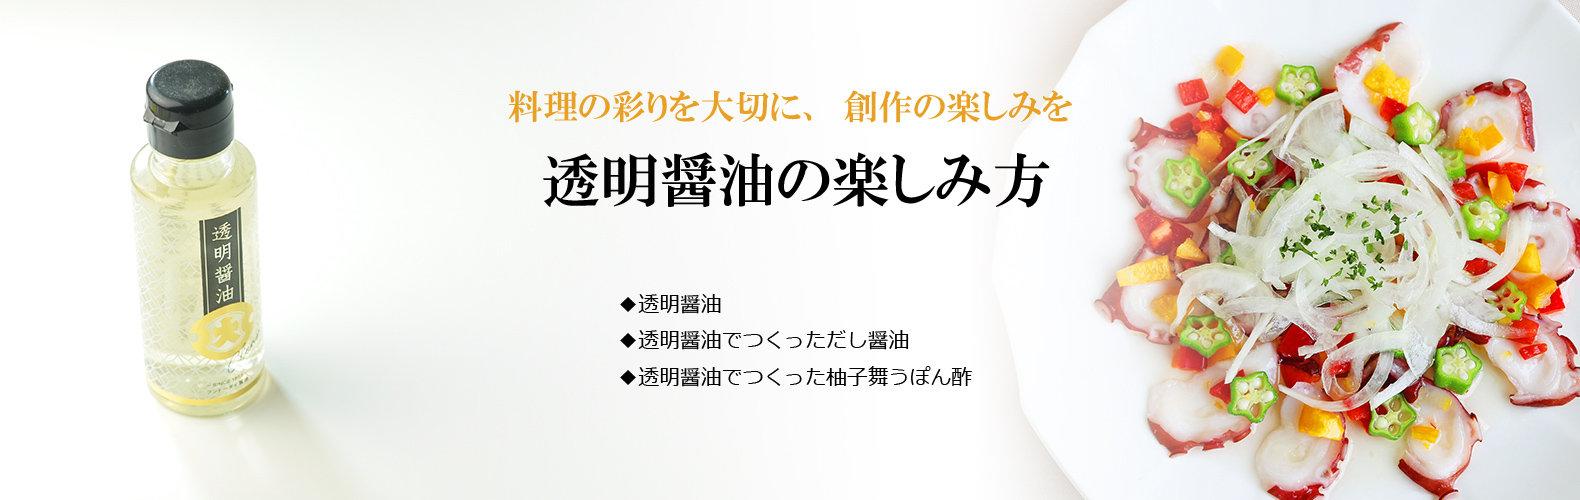 透明醤油のたのしみ1580×500イメージ.jpg